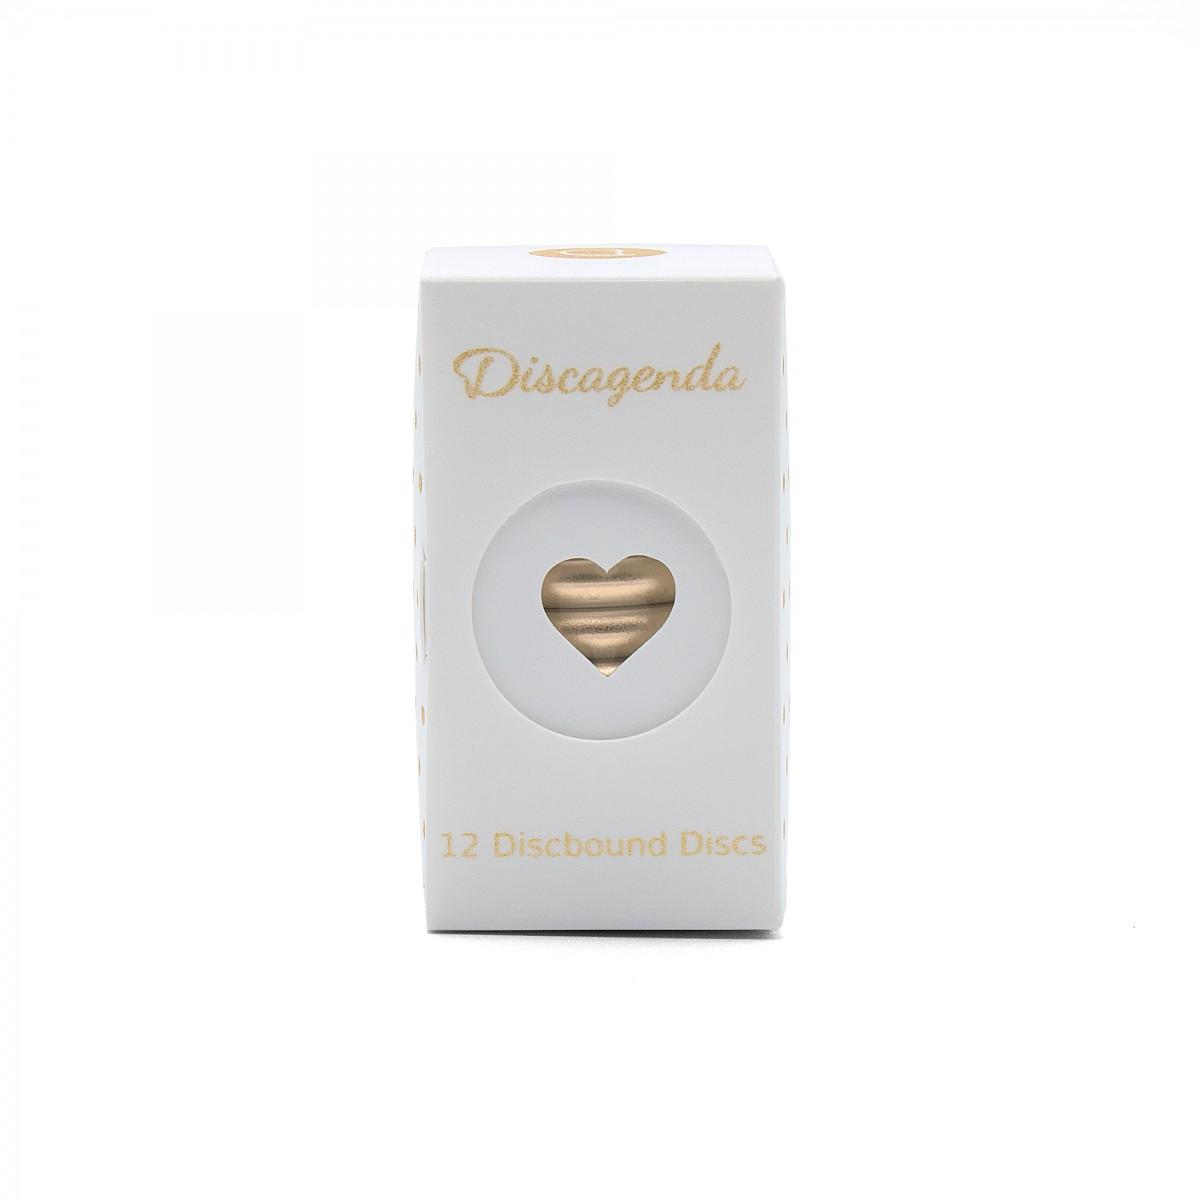 DISCAGENDA DISCBOUND DISCS 33MM 12 PIECE SET GOLD